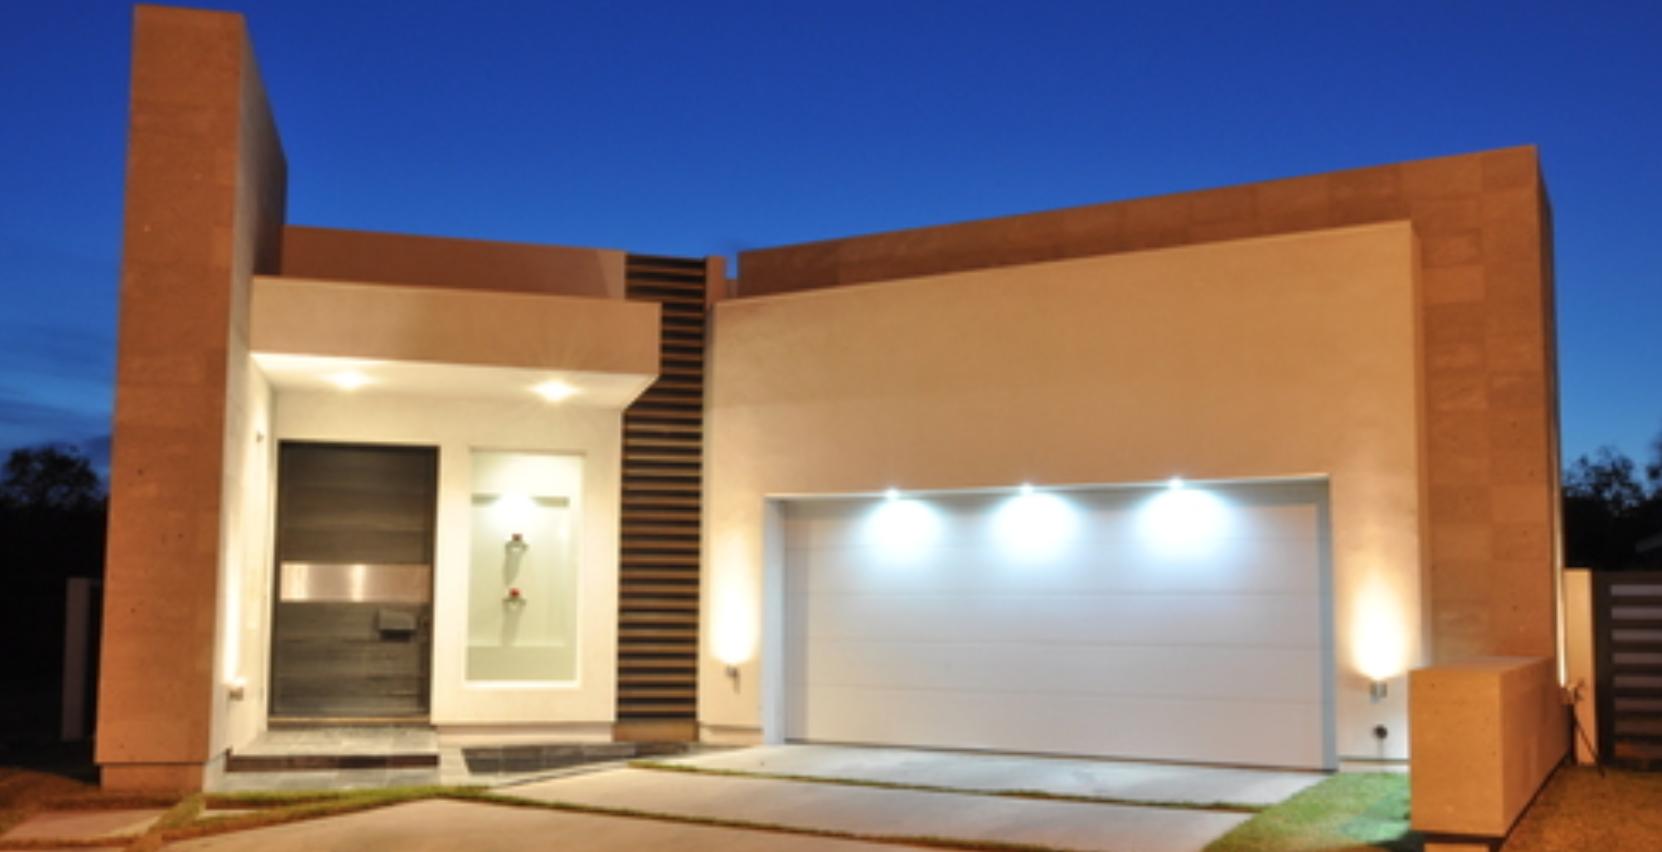 ELONG HOUSE | BROWNSVILLE, TX